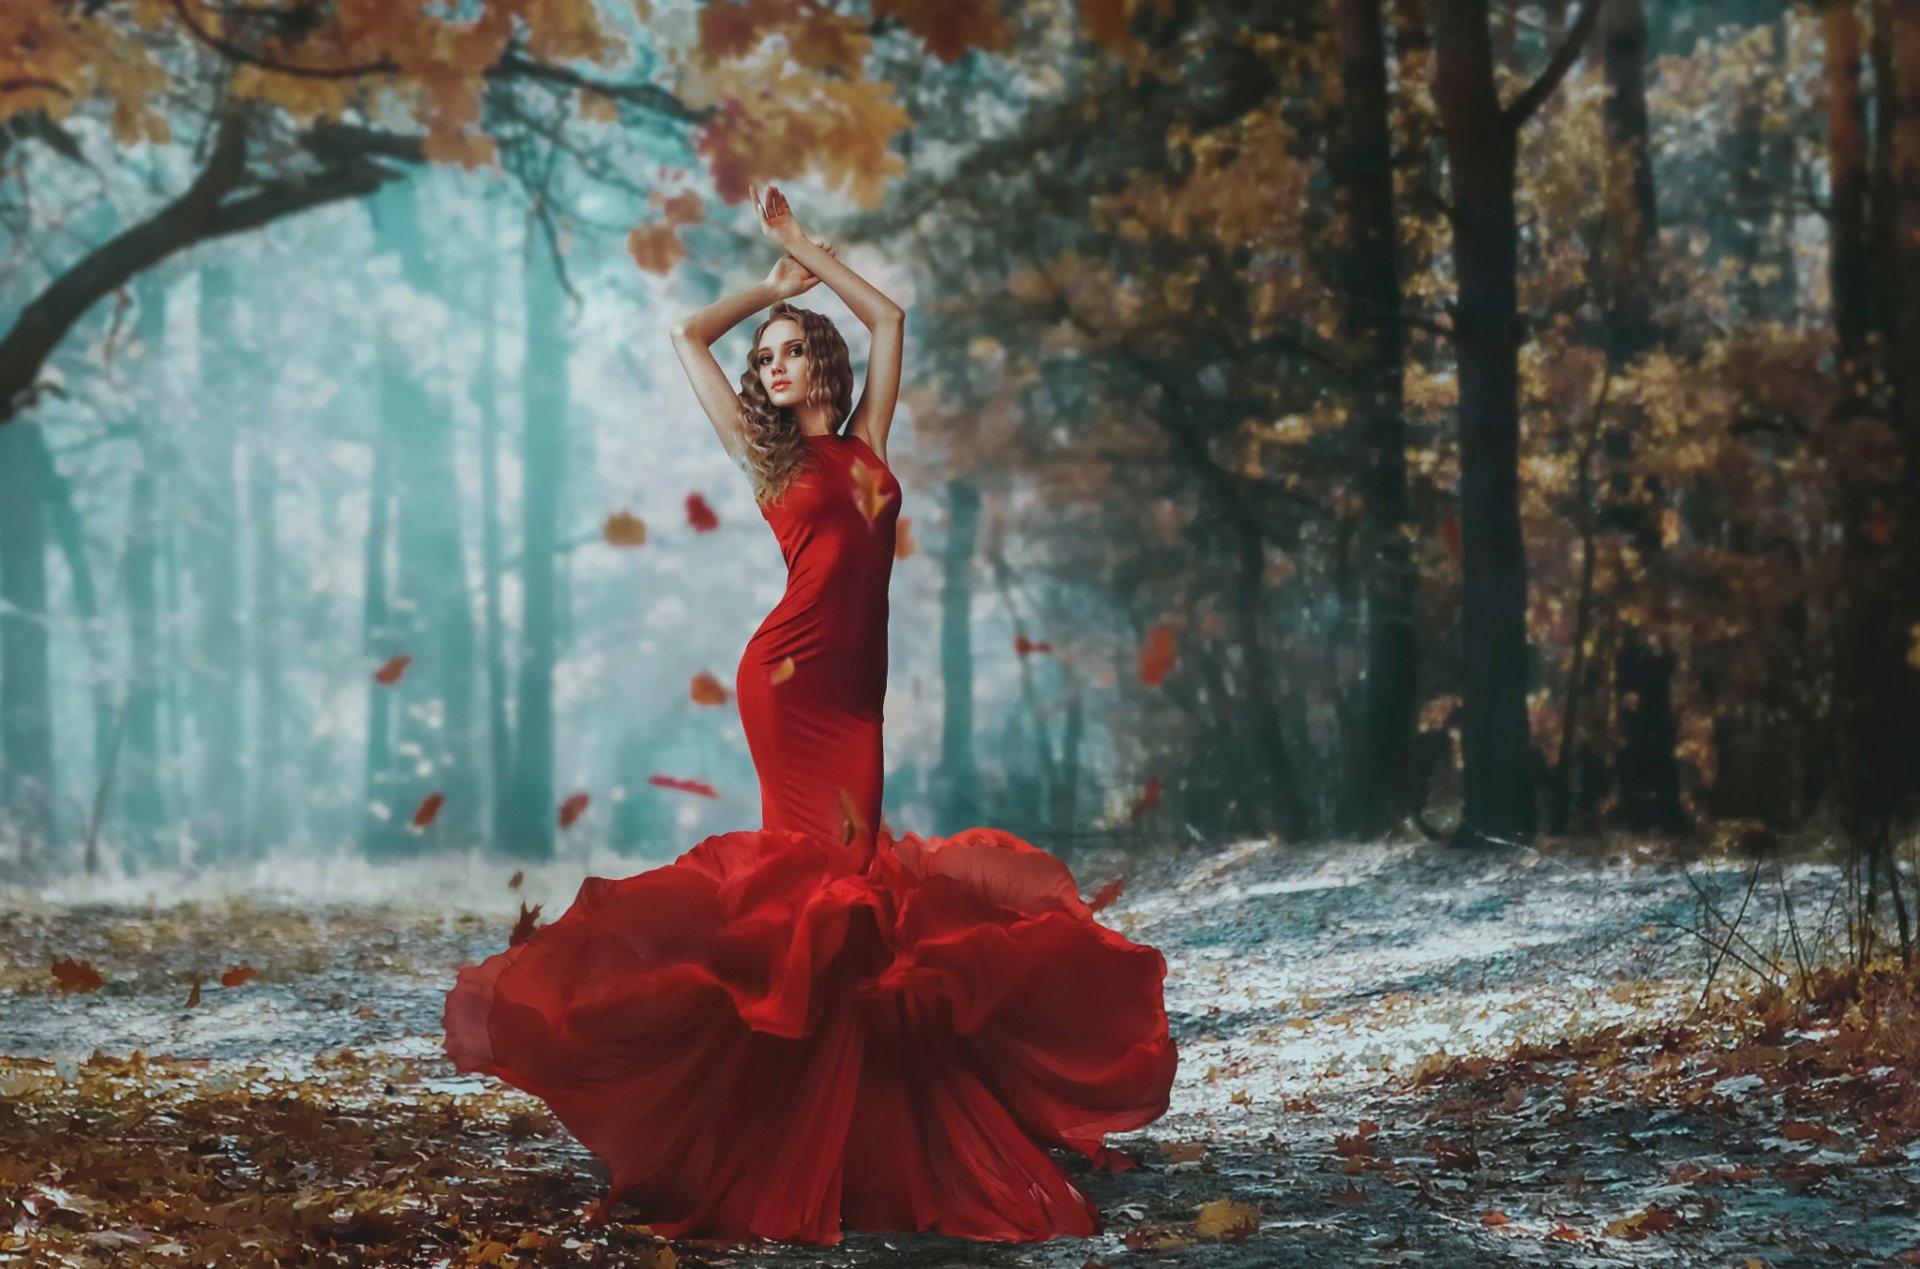 главное девушка танцует в красном платье на природе все продолжая смотреть